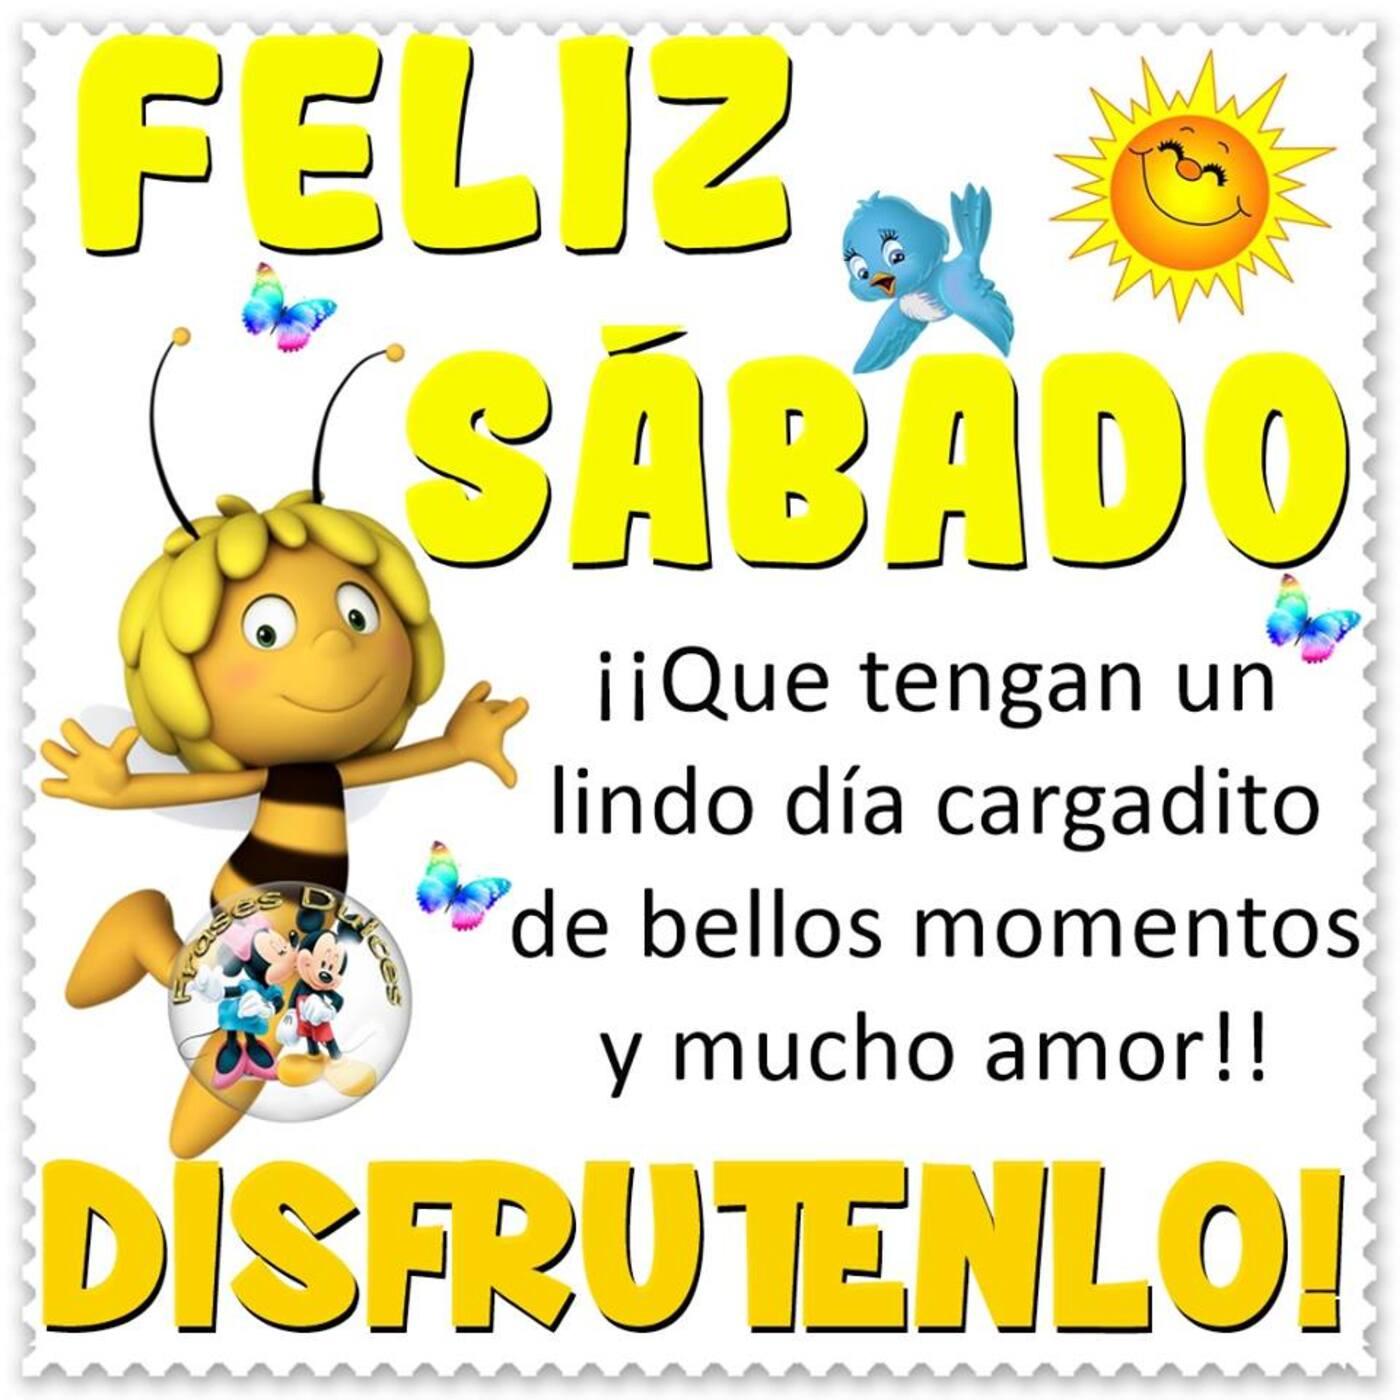 Feliz sábado que tengan un lindo dia cargadito de bellos momentos y mucho amor!! Disfrutenlo